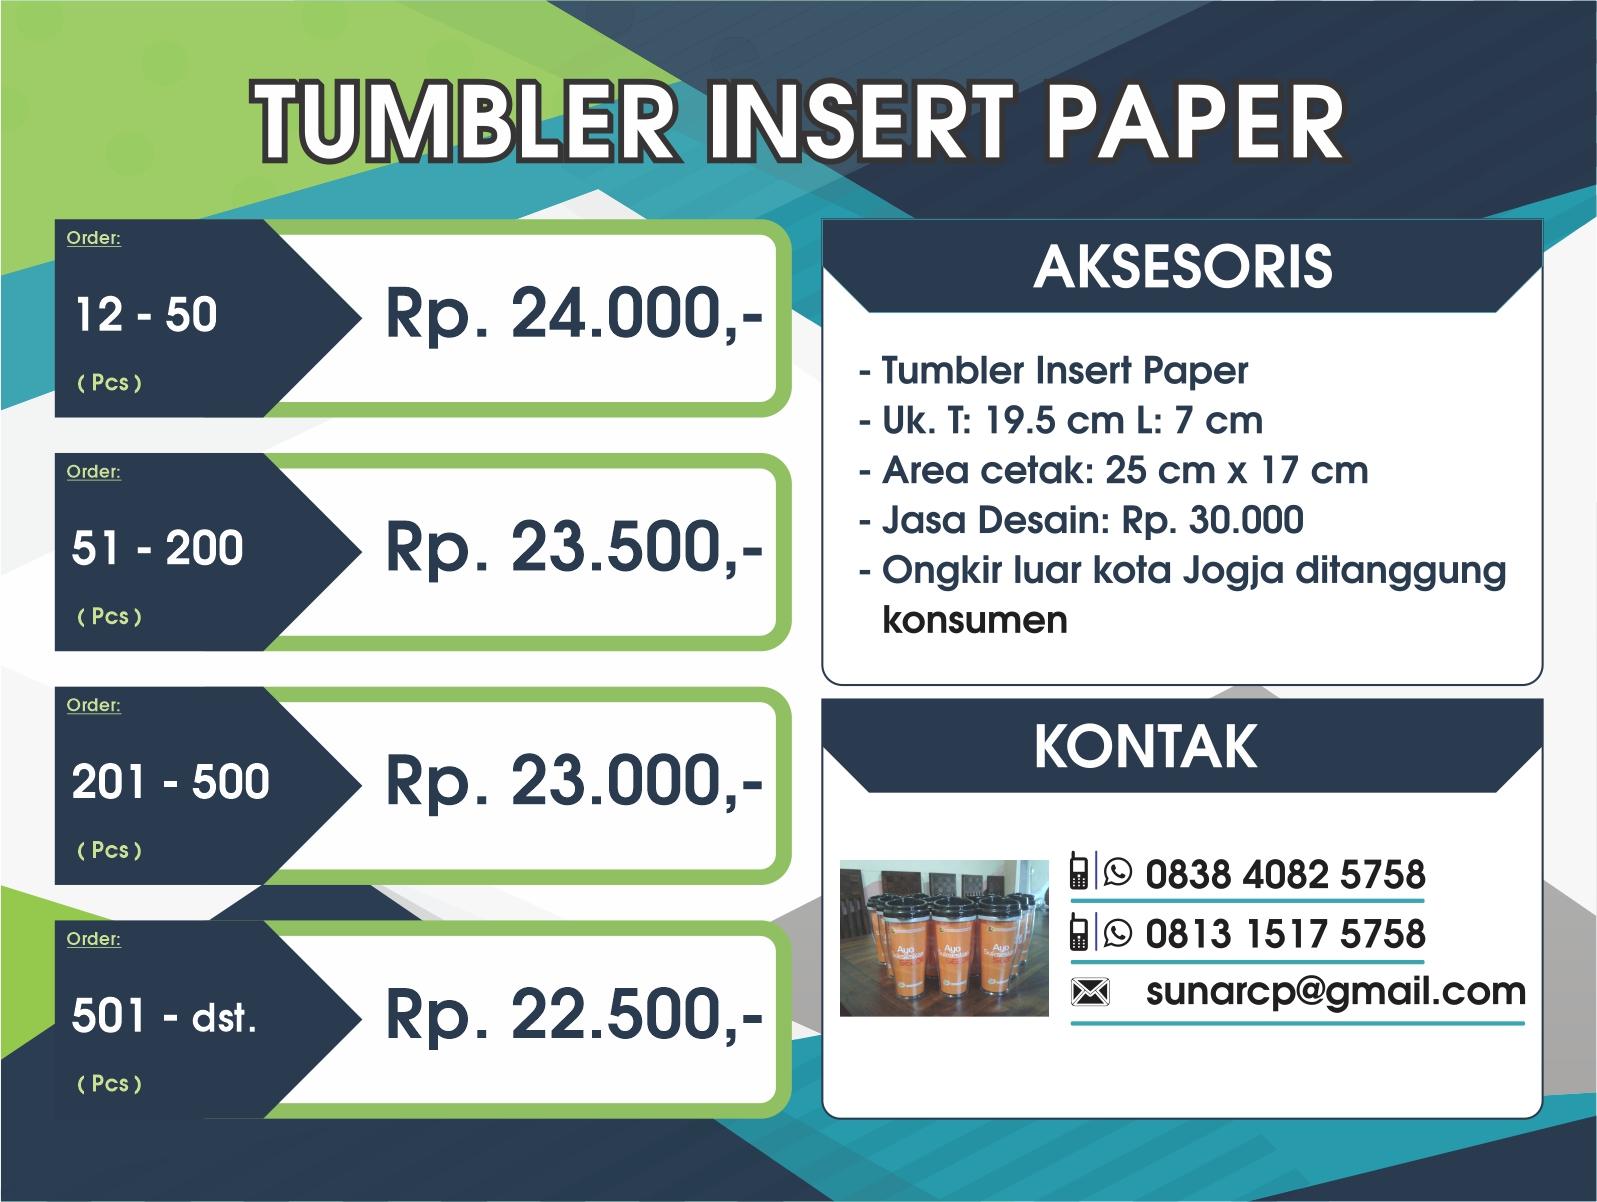 tumbler promosi murah, tumbler insert paper, bikin tumbler murah